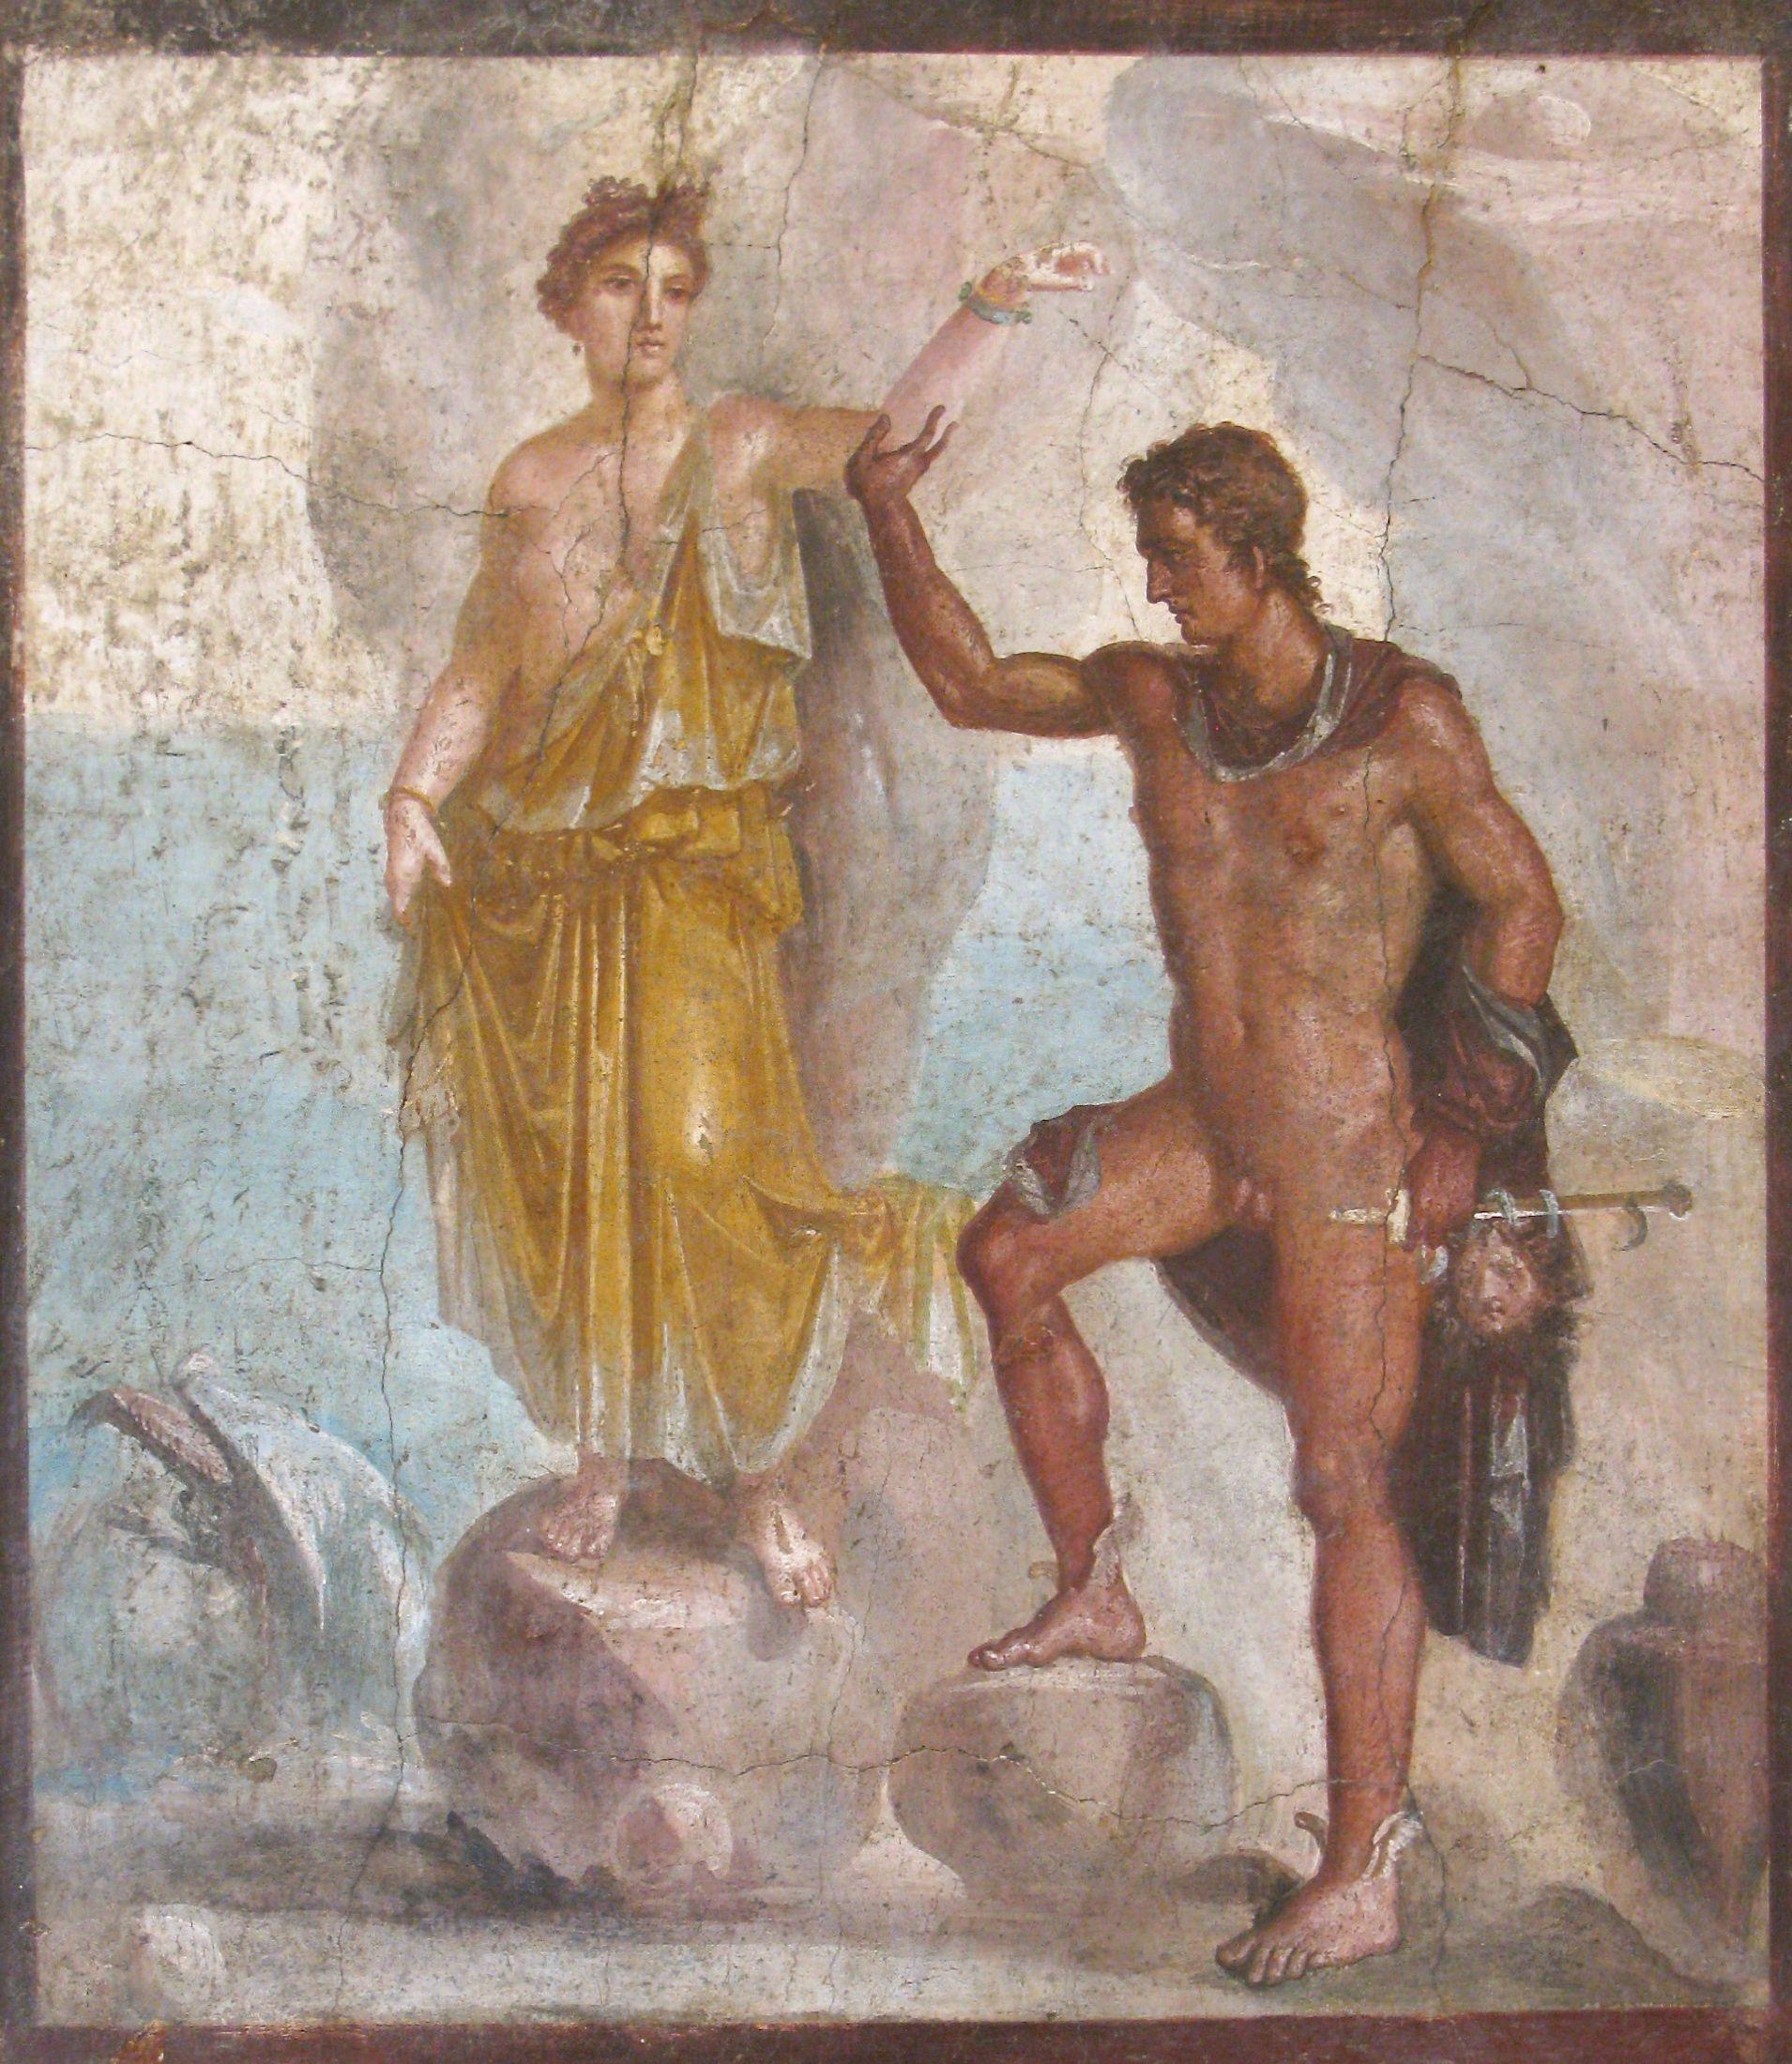 Perseo Y Andrómeda Casa De Los Dioscuros Pompeya Pompeya Producción Artística Arte Romano